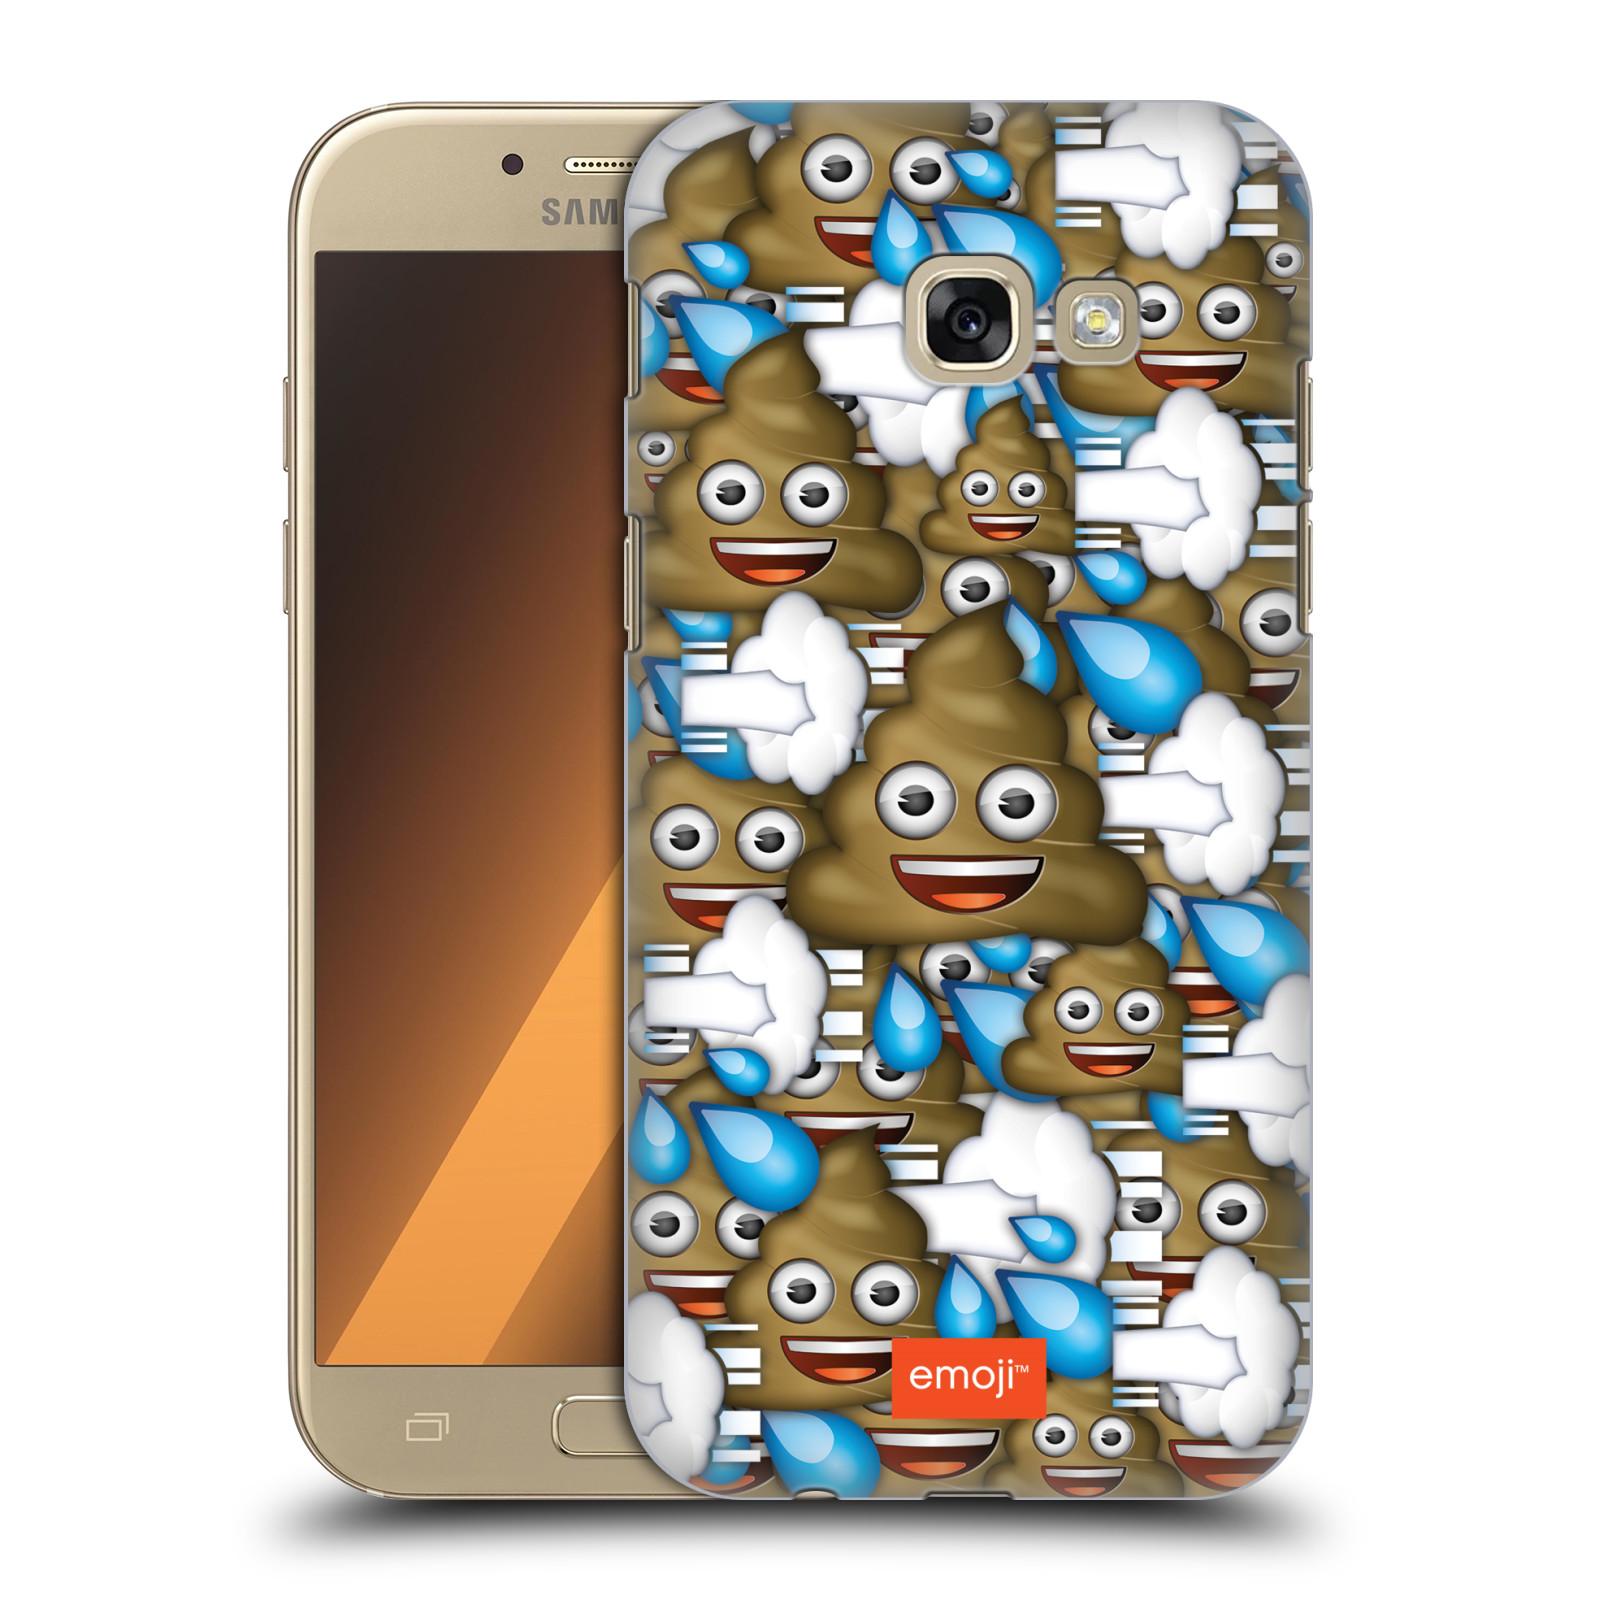 Plastové pouzdro na mobil Samsung Galaxy A5 (2017) HEAD CASE EMOJI - Hovínka a prdíky